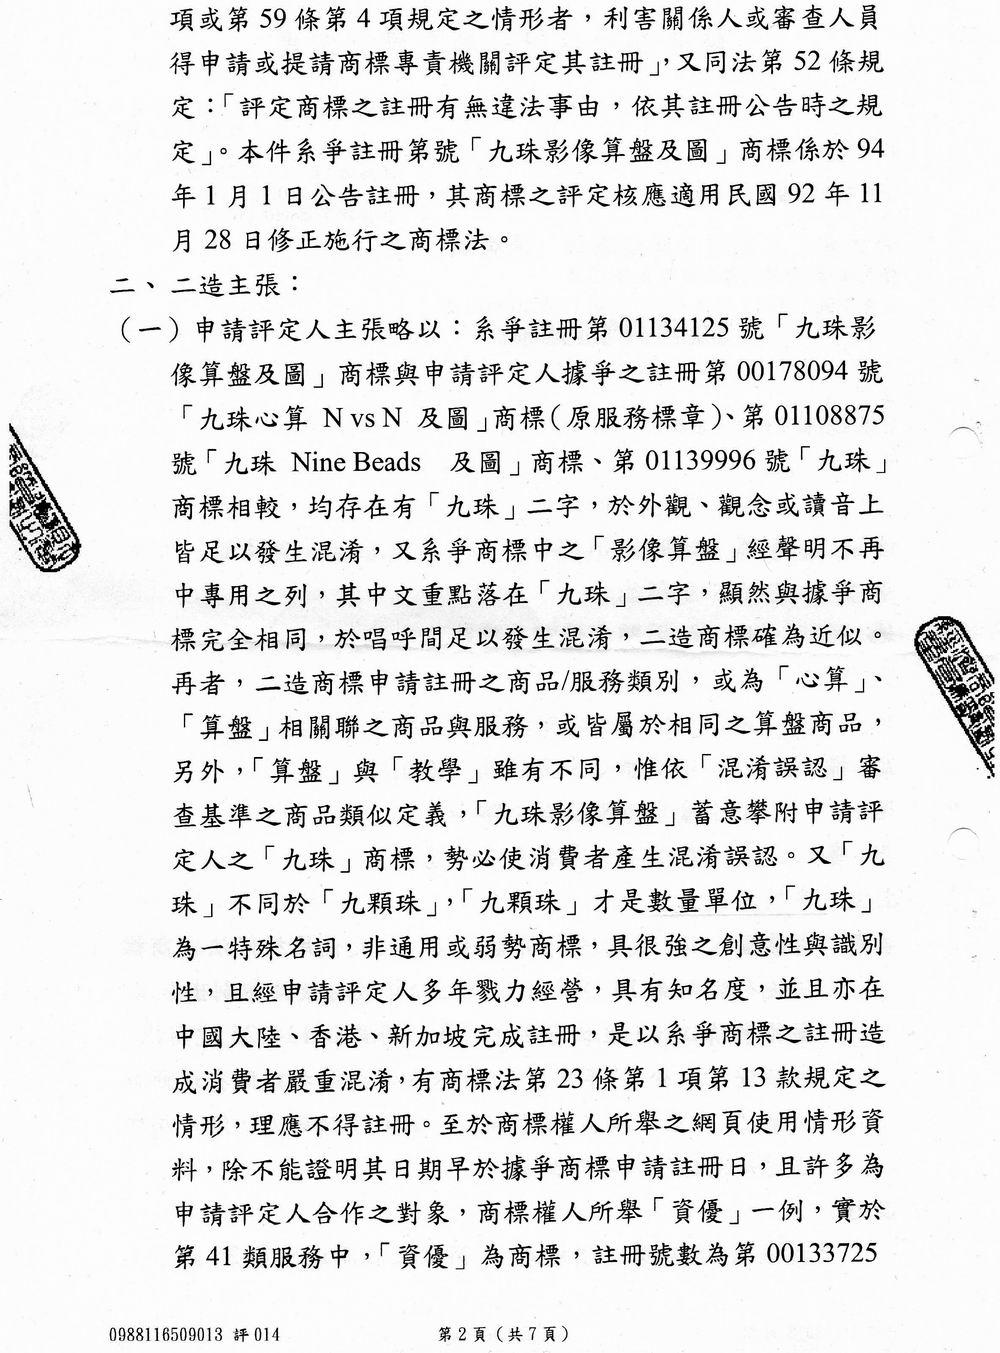 不倒翁心算教育机构首创九珠影像算盘教具(非九珠算盘)